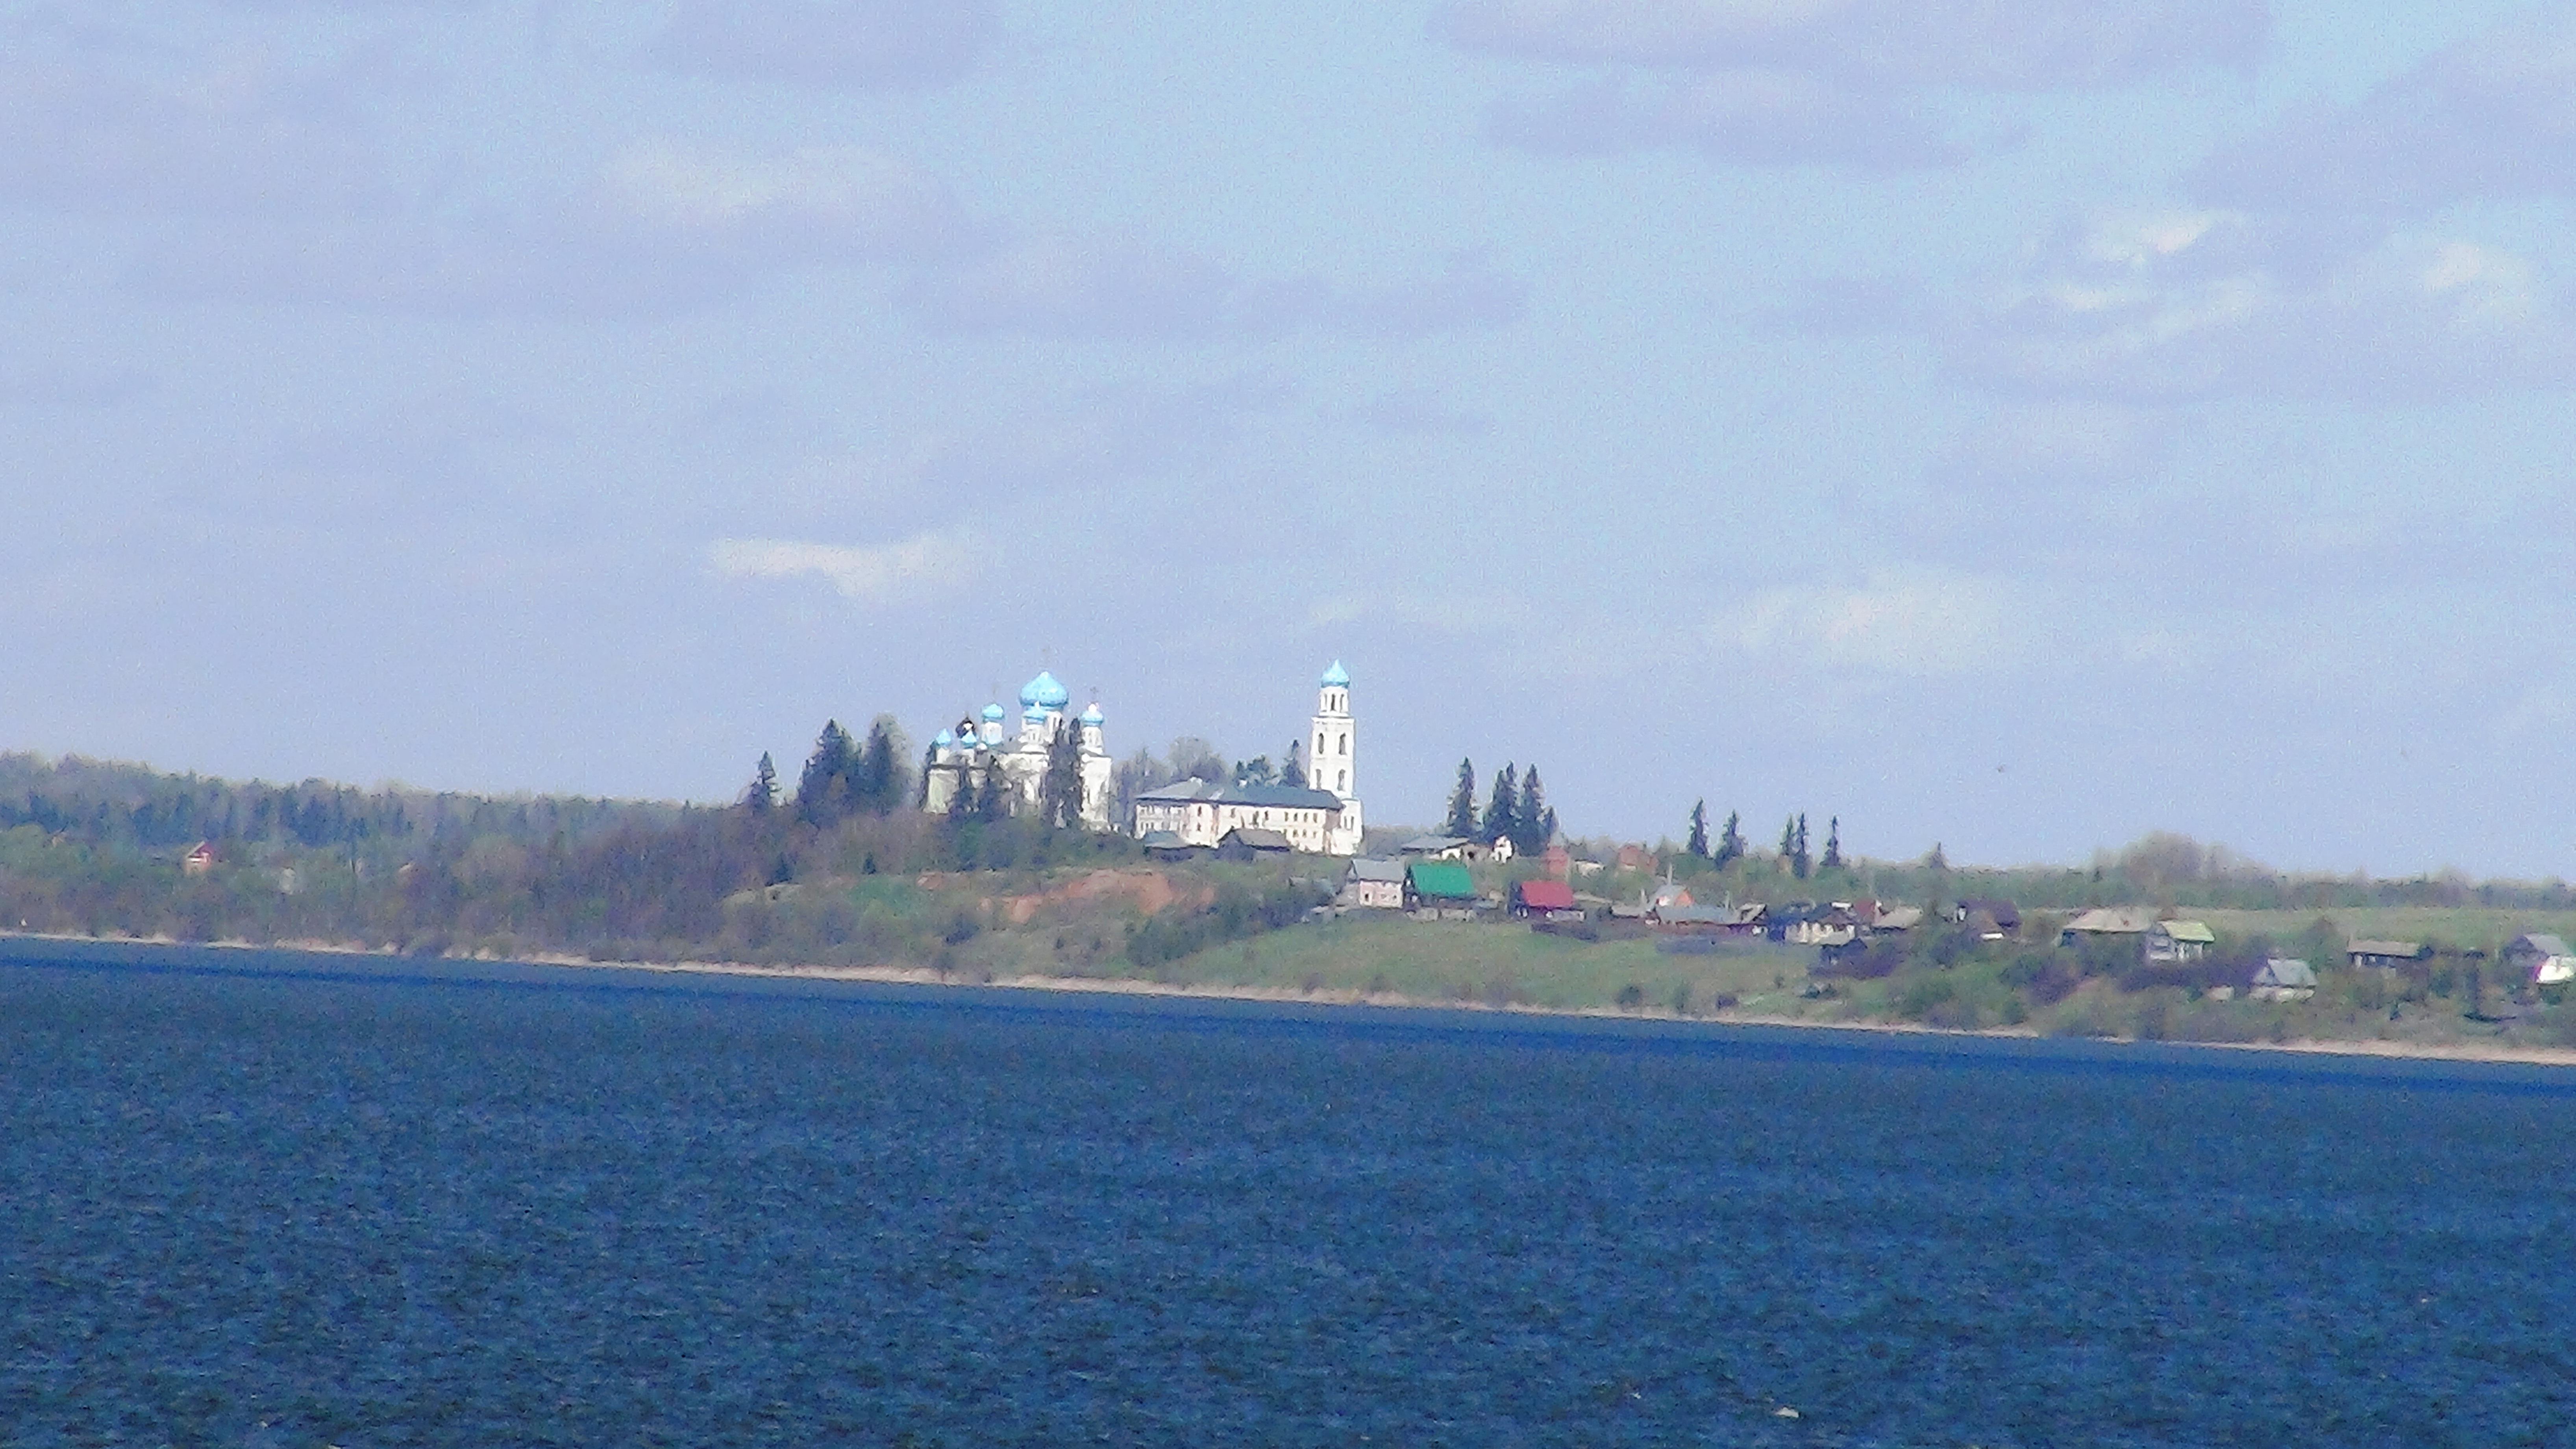 Авраамиев - Городецкий монастырь. Вид с озера. фото Михаила Шейко, 2014 год.